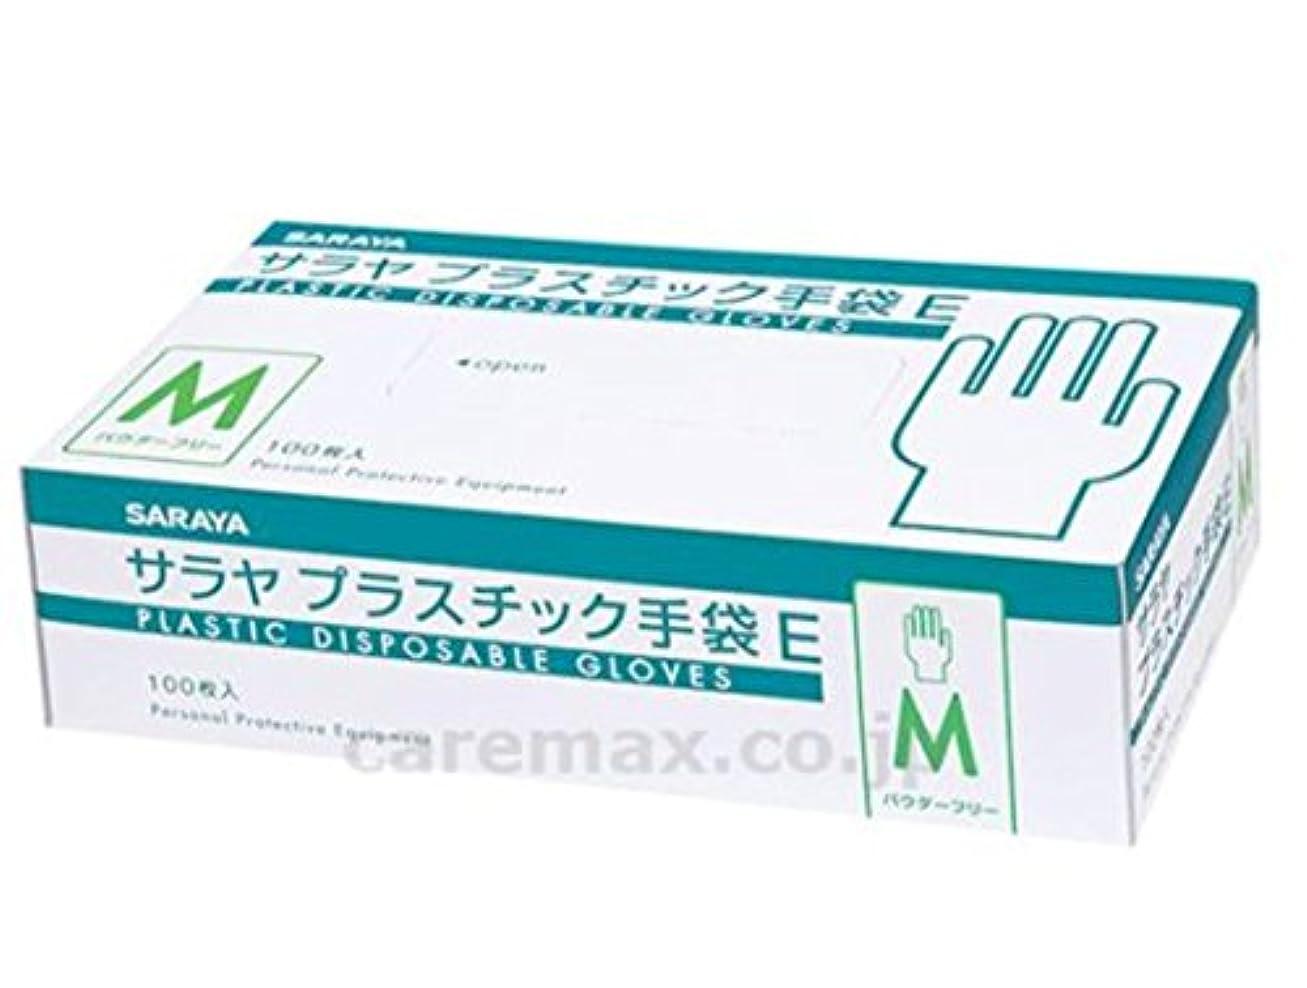 ランドマーク原理お互いサラヤ 使い捨て手袋 プラスチック手袋E 粉なし Mサイズ 100枚入